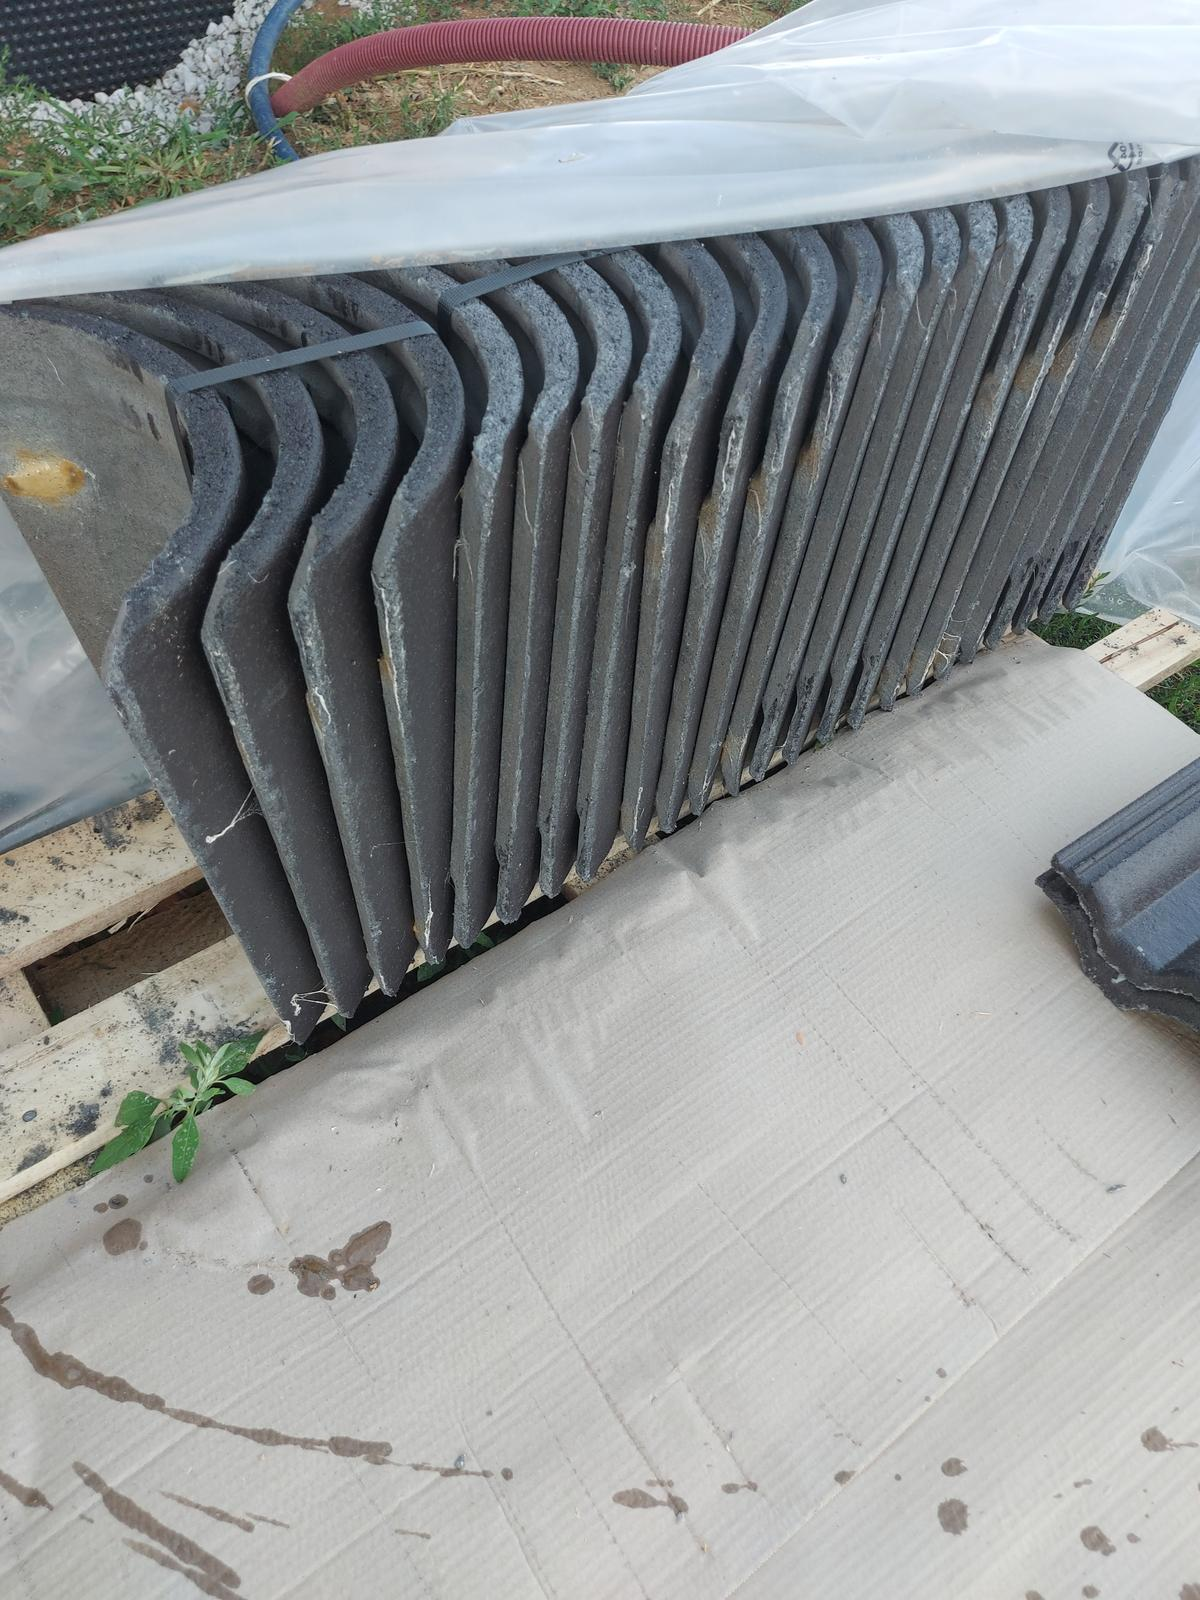 Škridla Terran Danubia Evo Carbon čierna - Obrázok č. 1